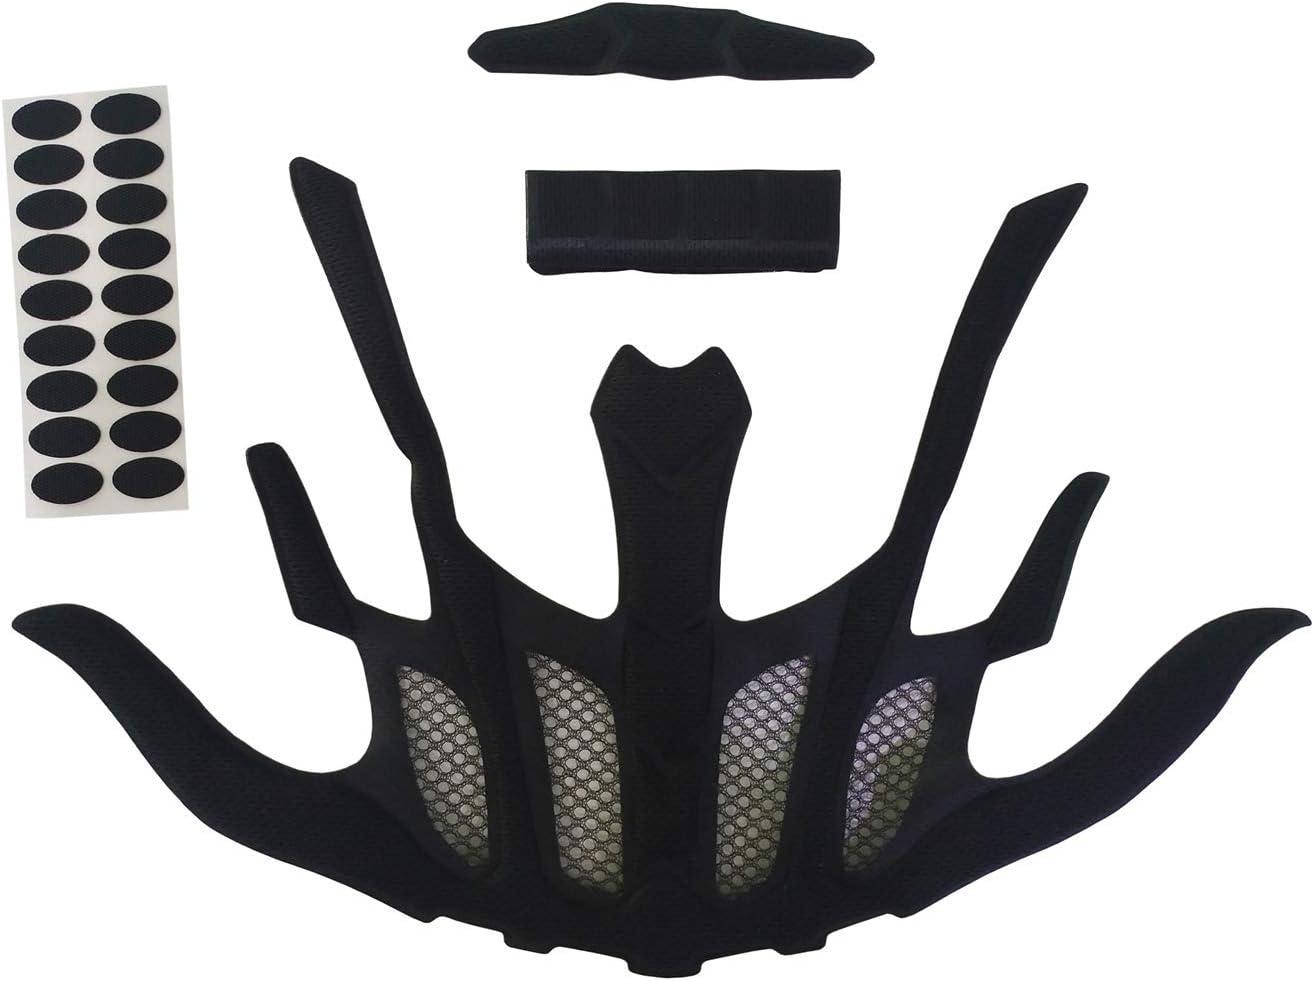 BESPORTBLE Kit de rembourrage en mousse de rechange universel pour casque et moto